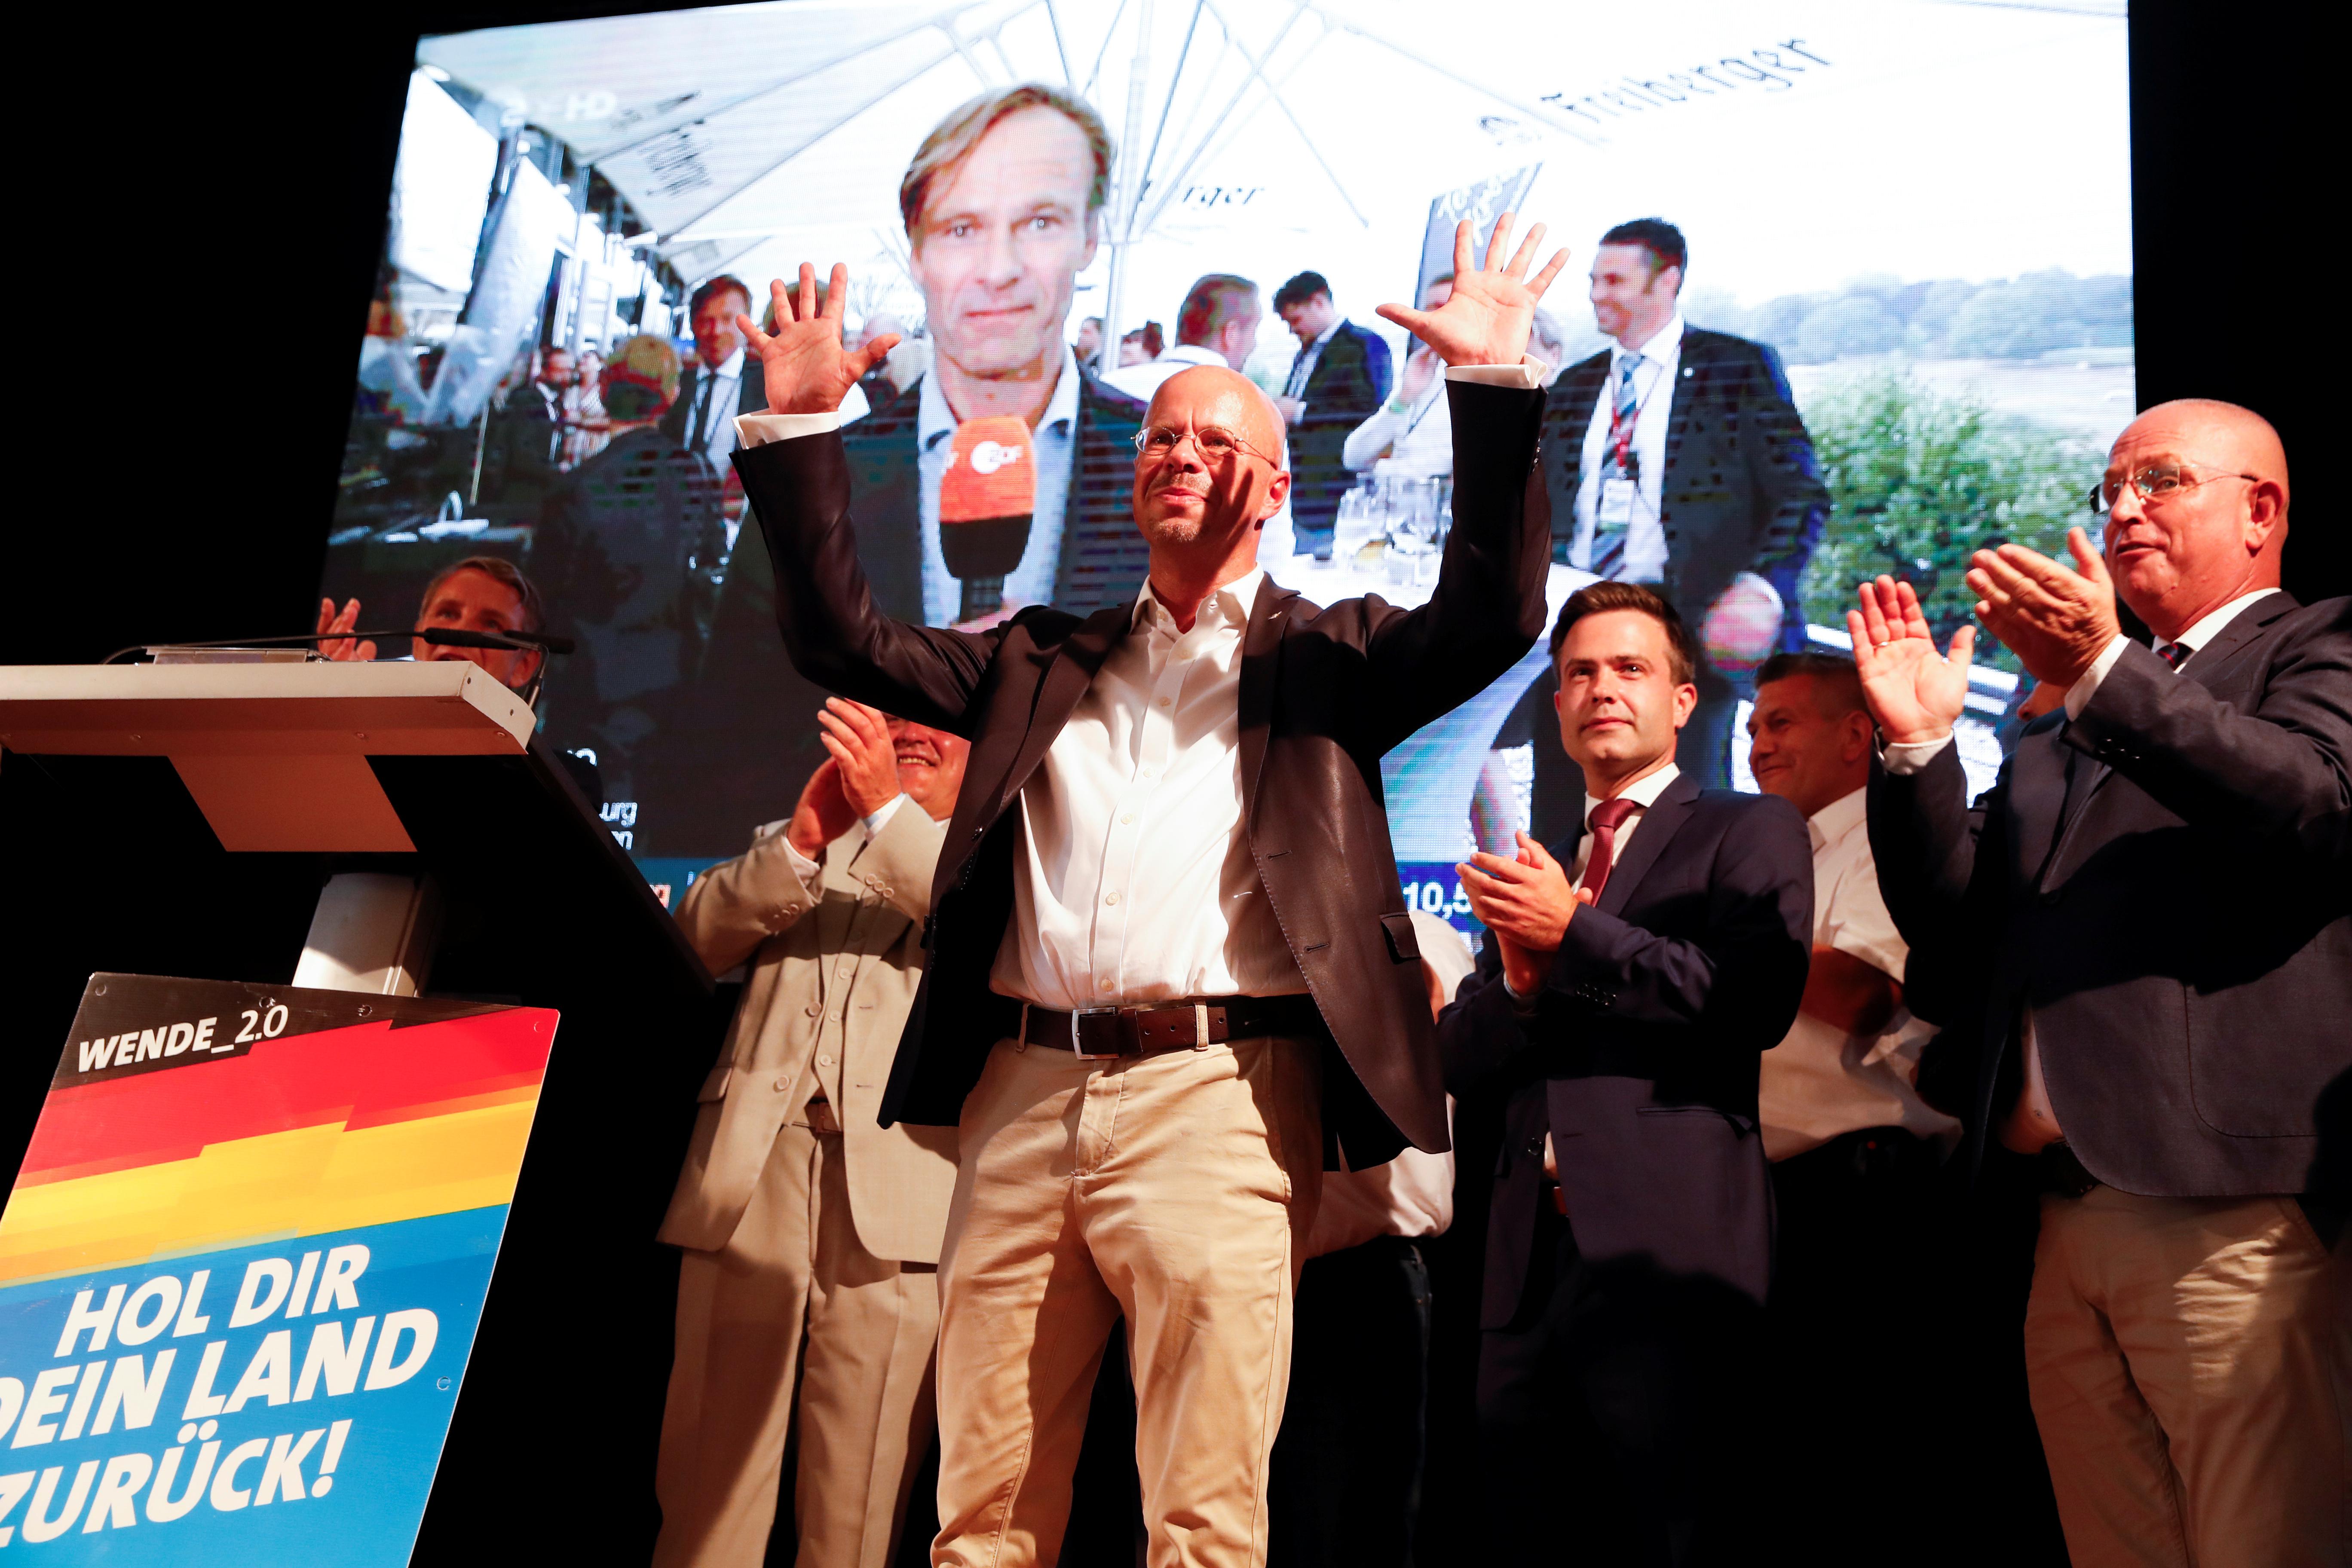 """Γερμανία: """"Πάρτι"""" του ακροδεξιού AfD σε Σαξονία και Βρανδεμβούργο - Διπλάσιο ποσοστό και άνοδος 18%!"""